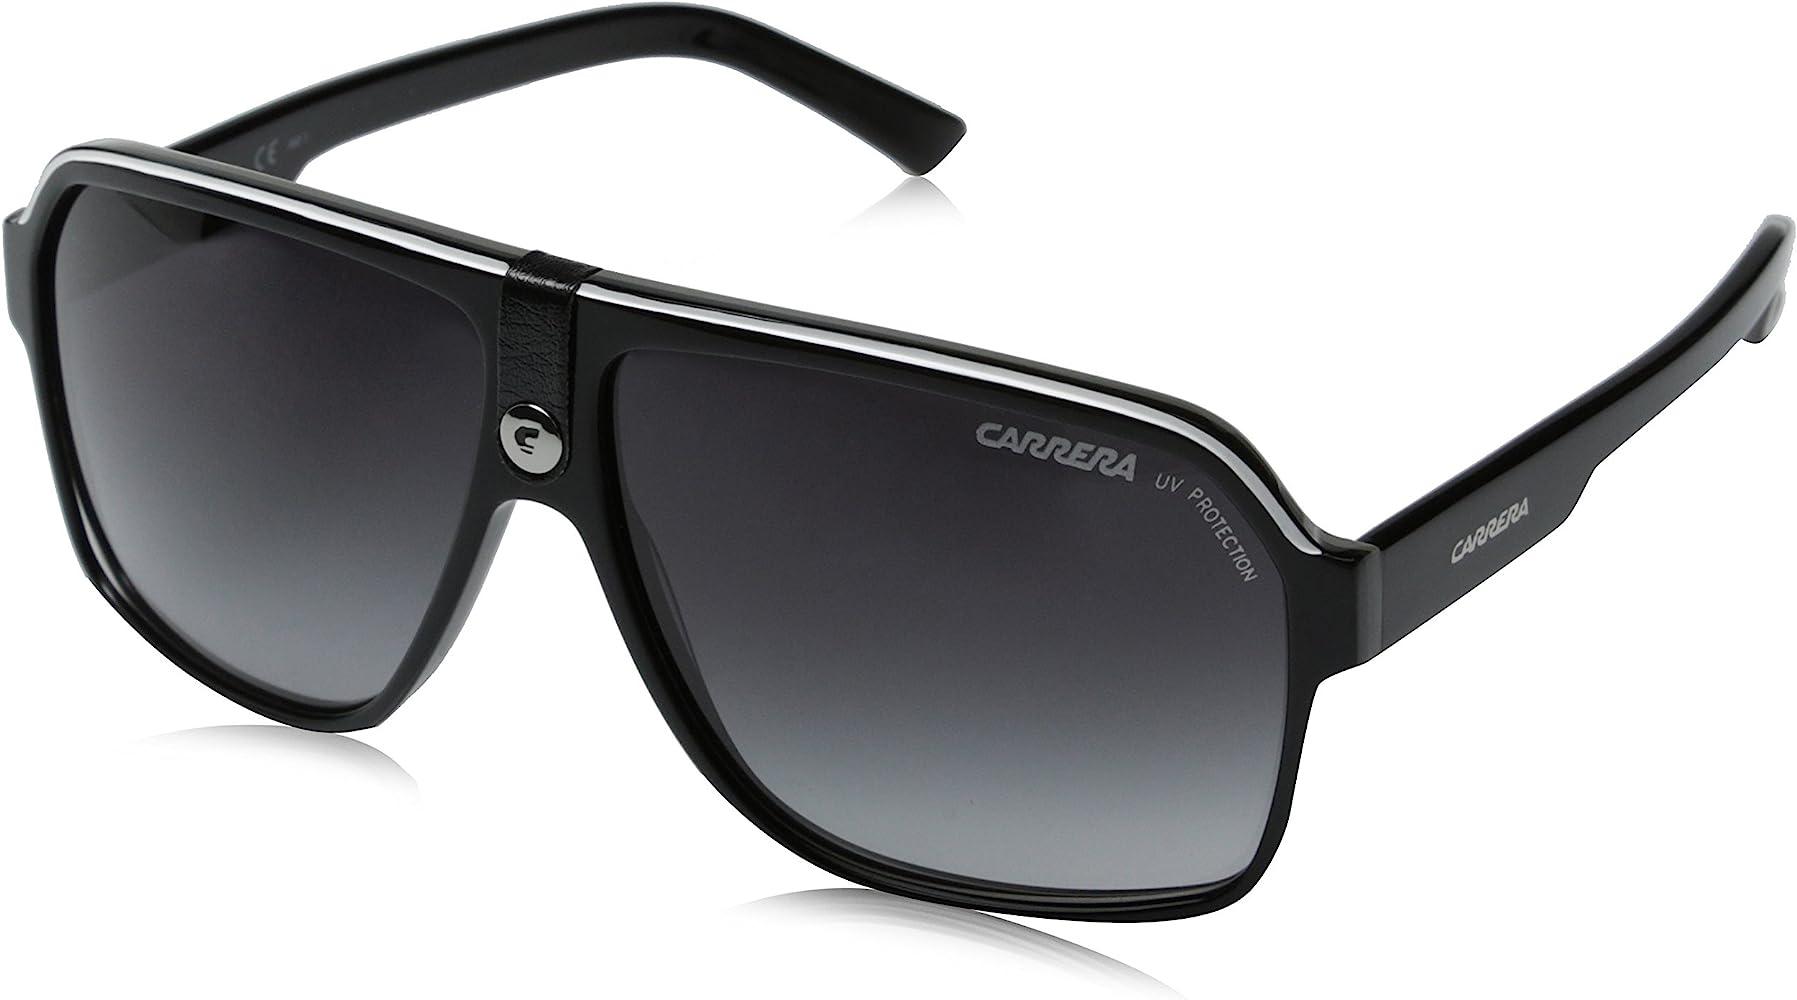 Lunettes de soleil Carrera Carrerino 4072//S 807 WJ Black Grey Gradient Polarized